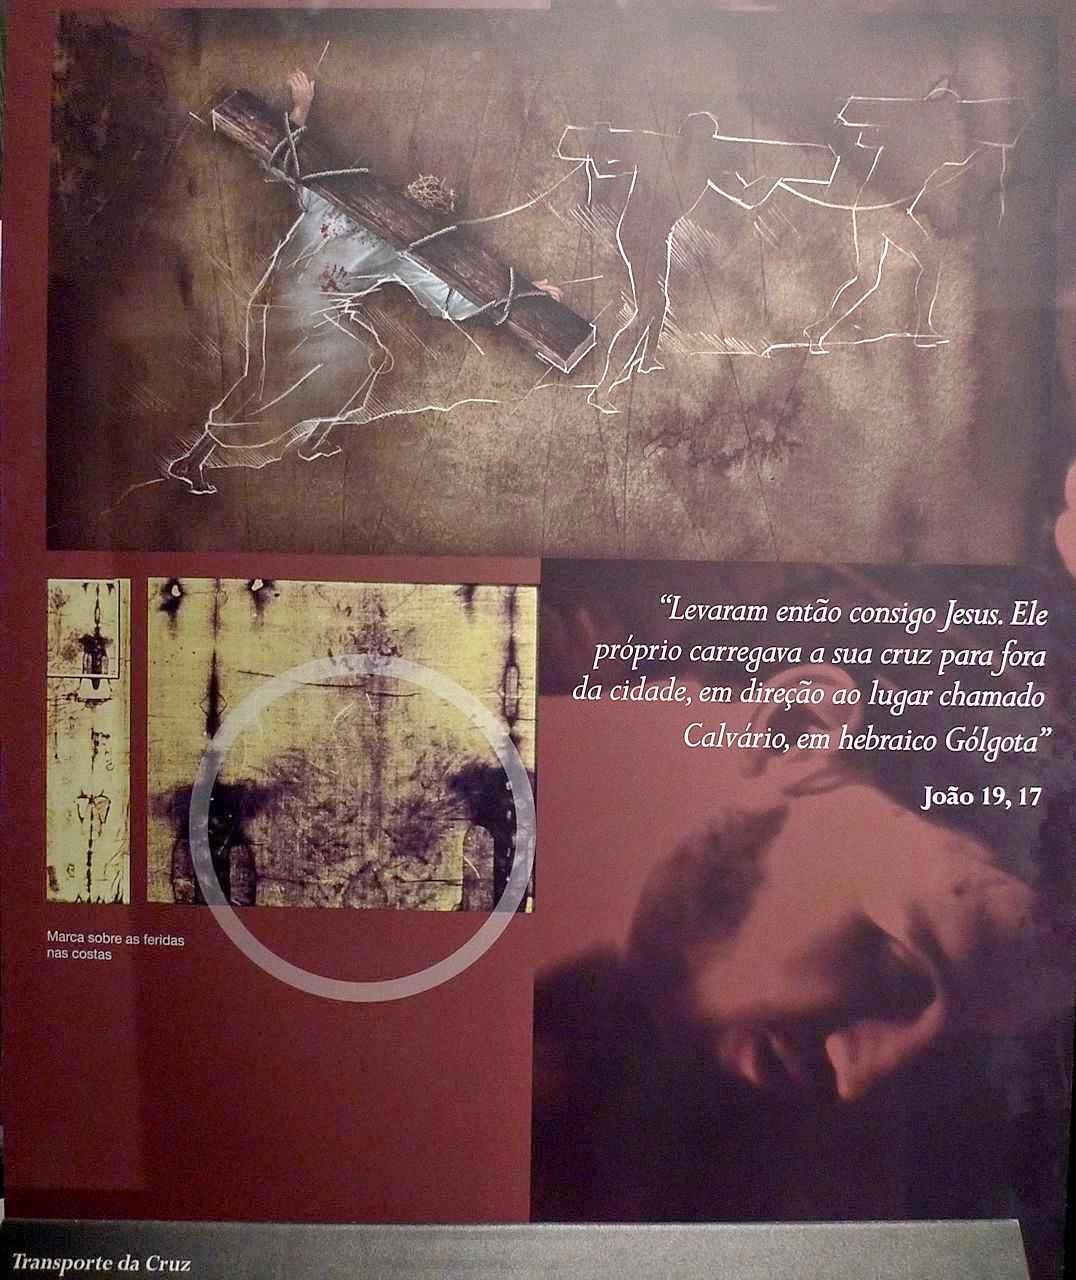 O Homem do Sudário: chagas provocadas pelo transporte da Cruz